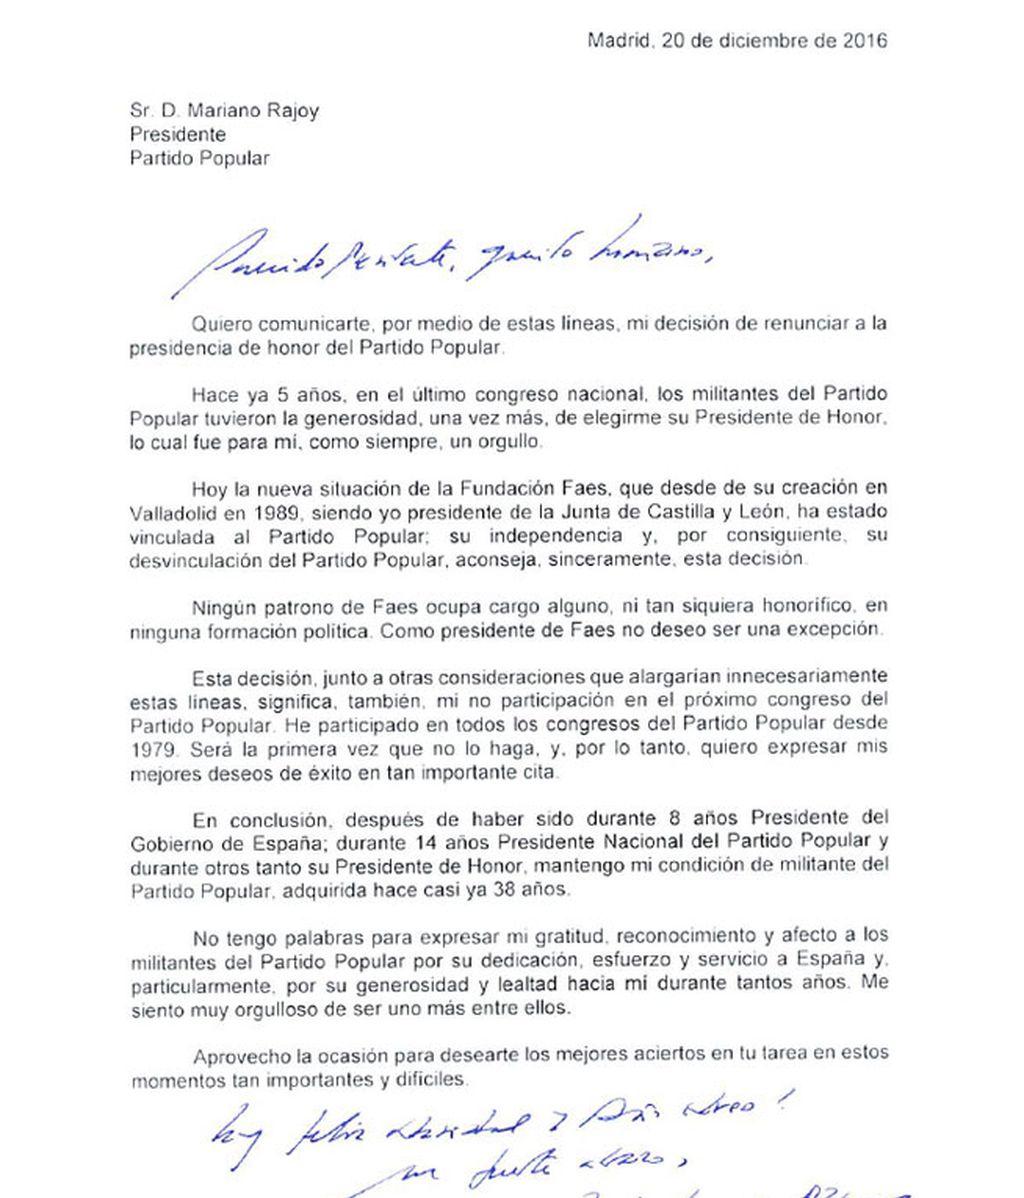 Aznar comunica a Rajoy su renuncia a la presidencia de honor del PP